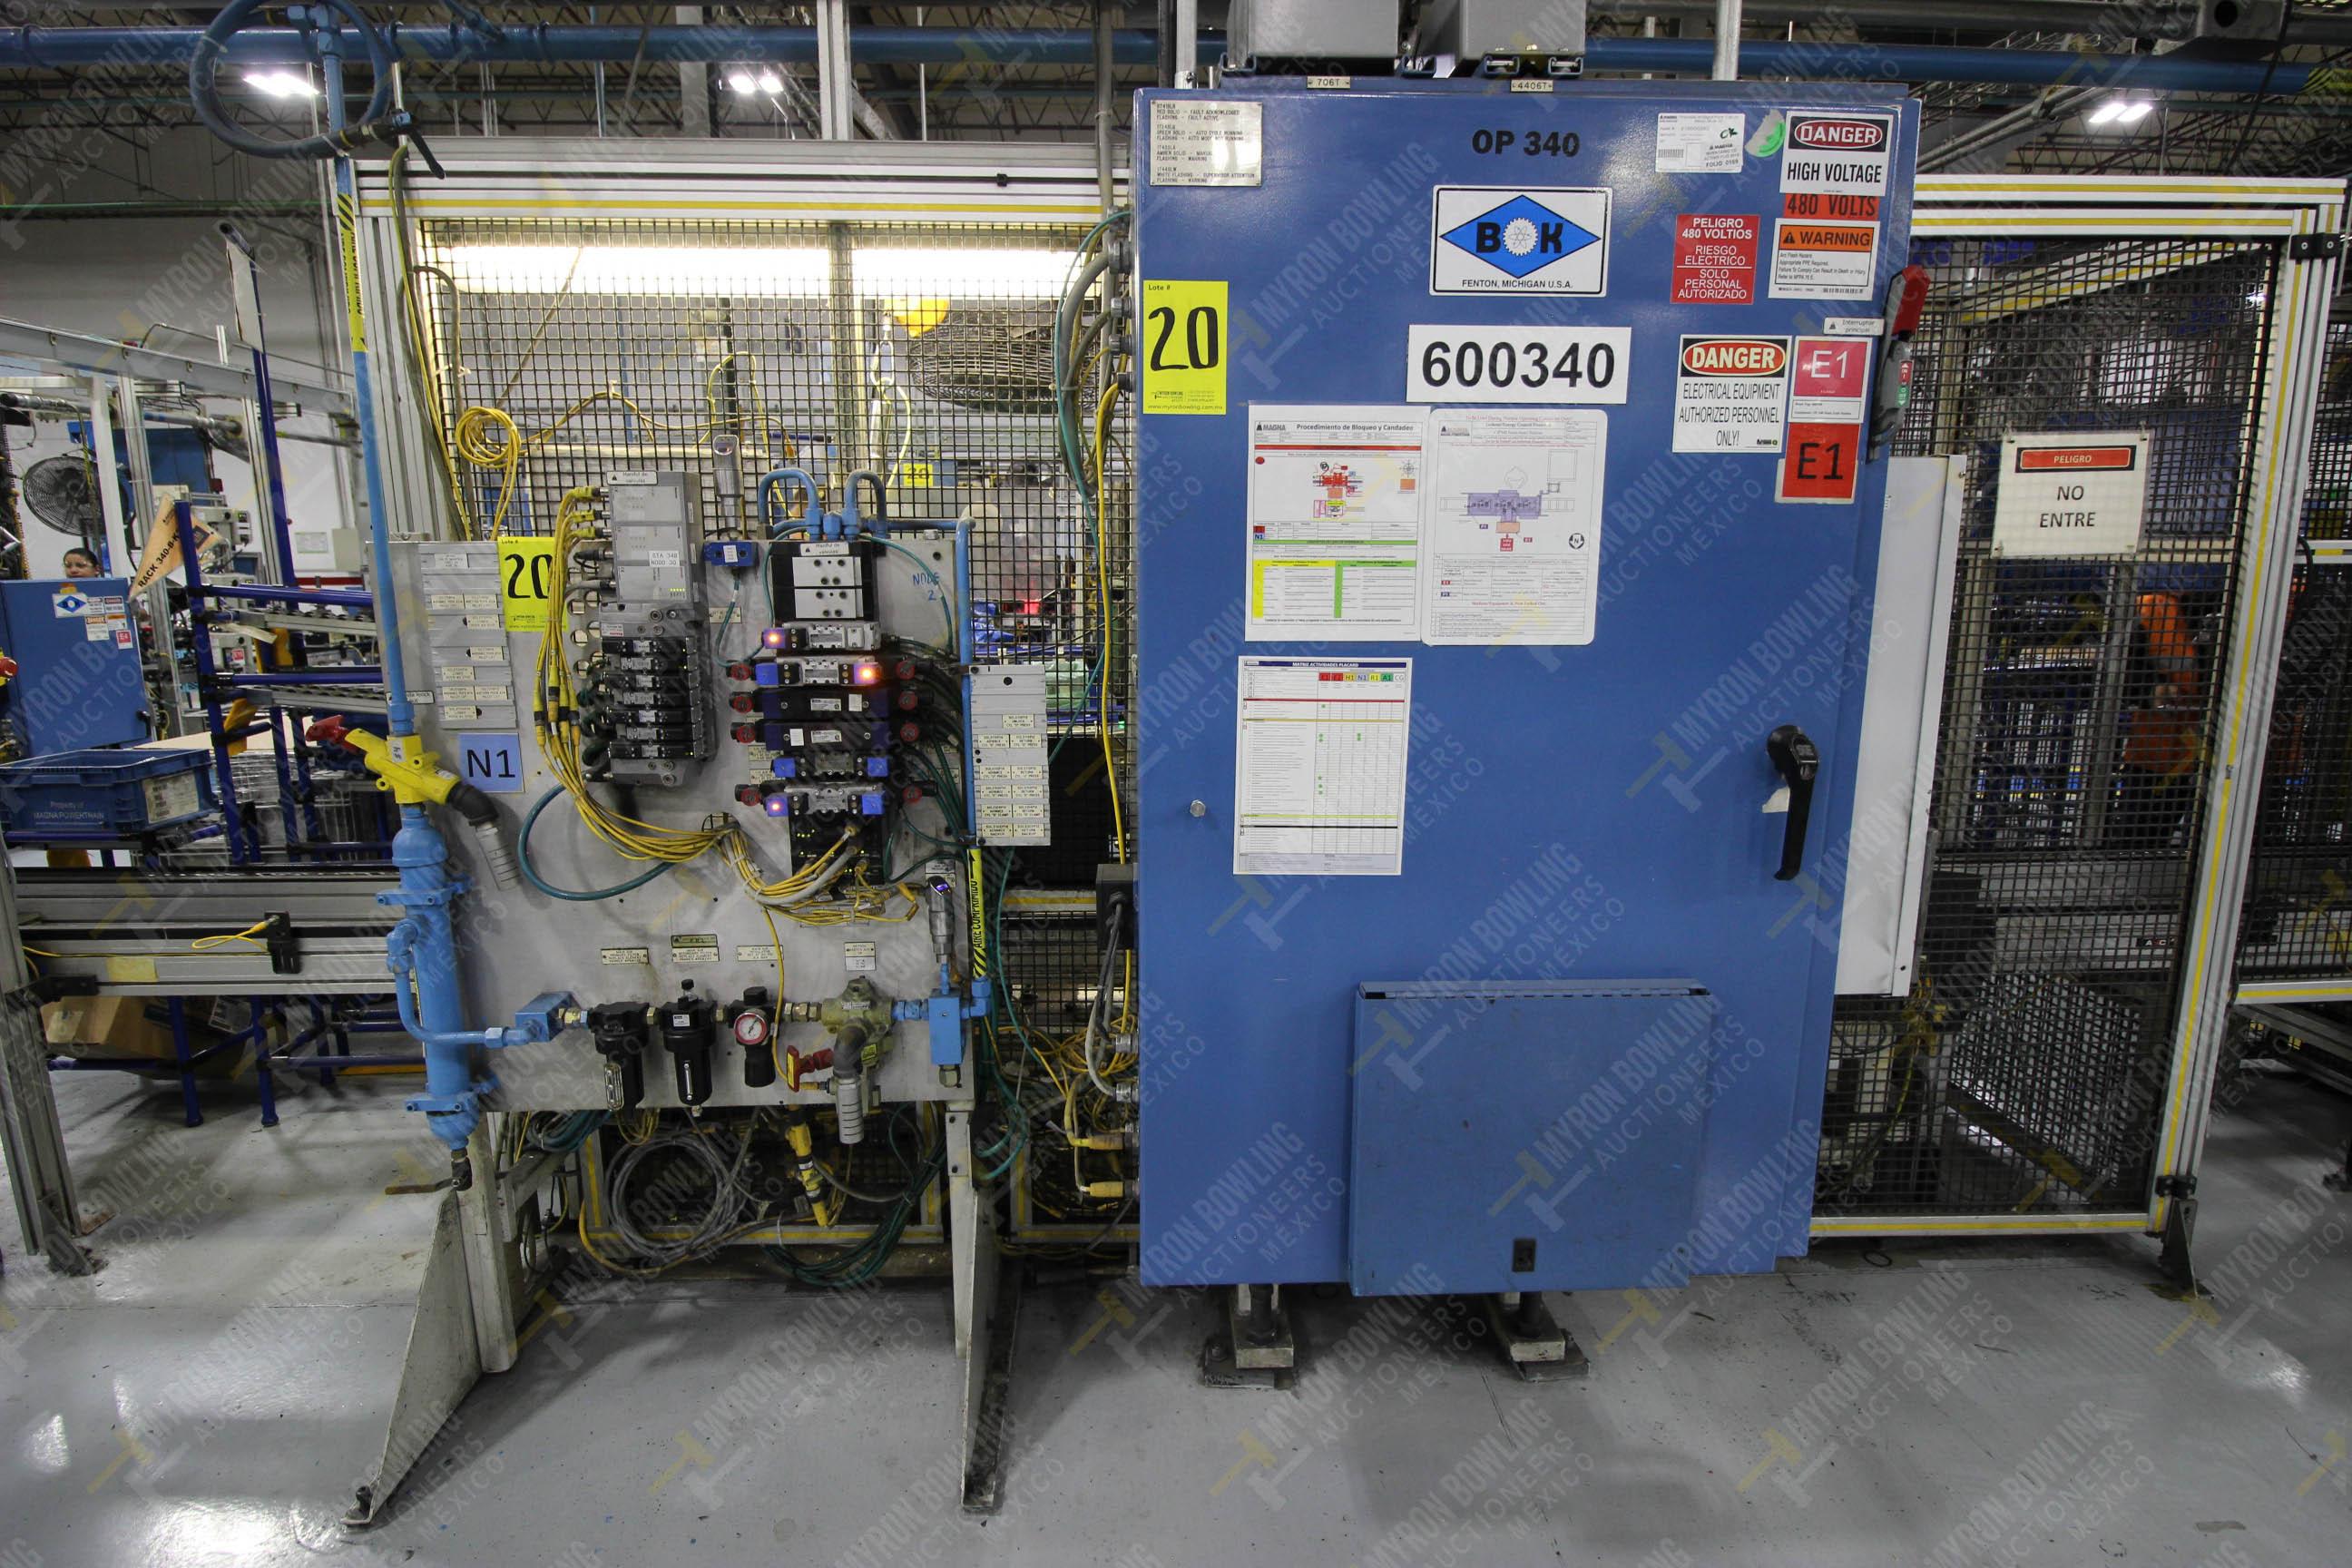 Estación semiautomática para operación 340, contiene: Prensa en estructura de placa de acero - Image 27 of 32